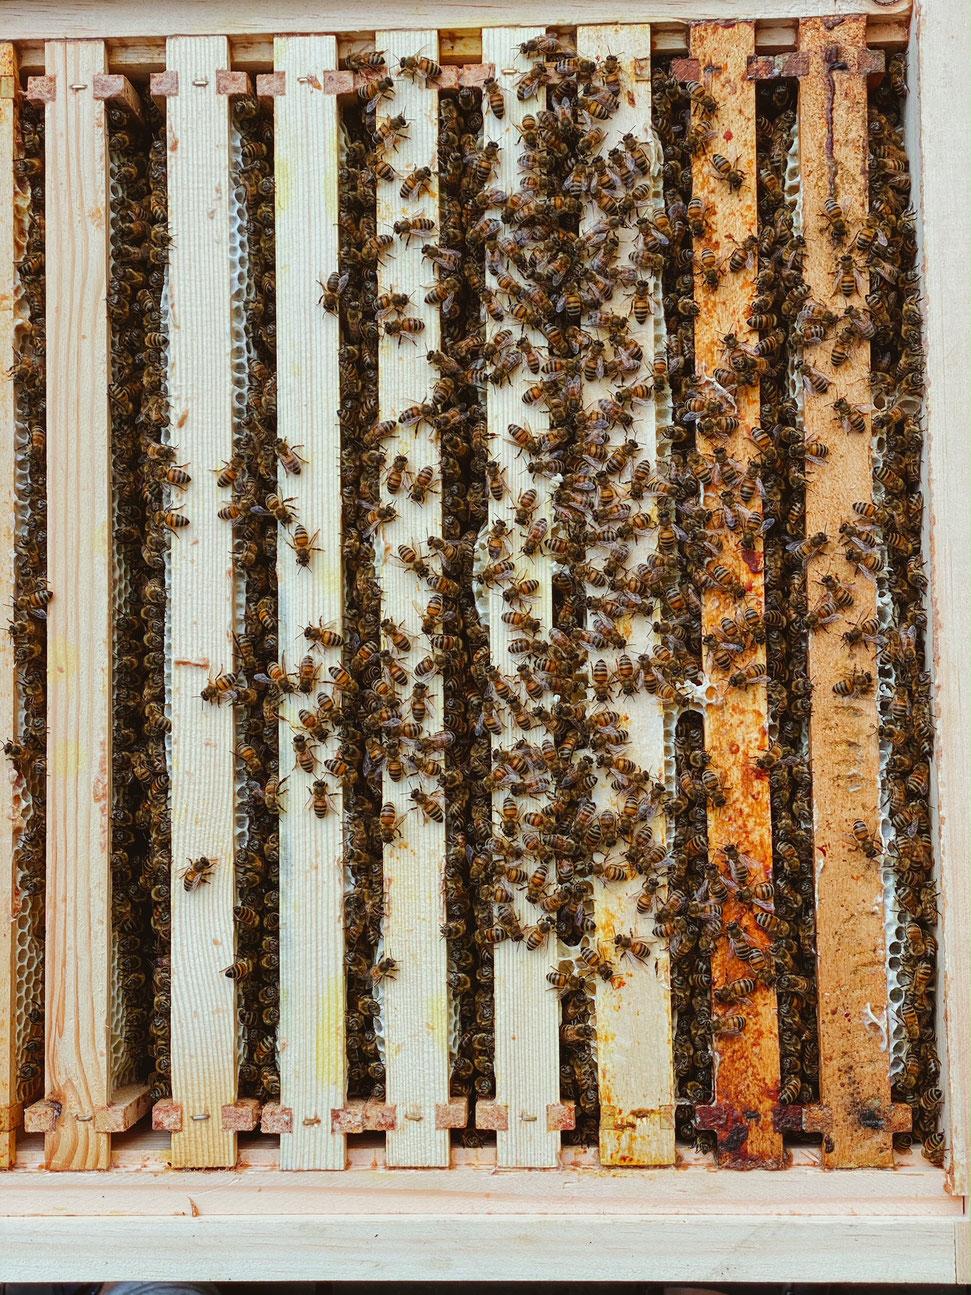 Bienenvolk in Liebig Beute, Imker, Jungimker, Bienenzuchtverein, Bienen, Merkstein, Heinsberg-Merkstein, Imker, Verein, Honig